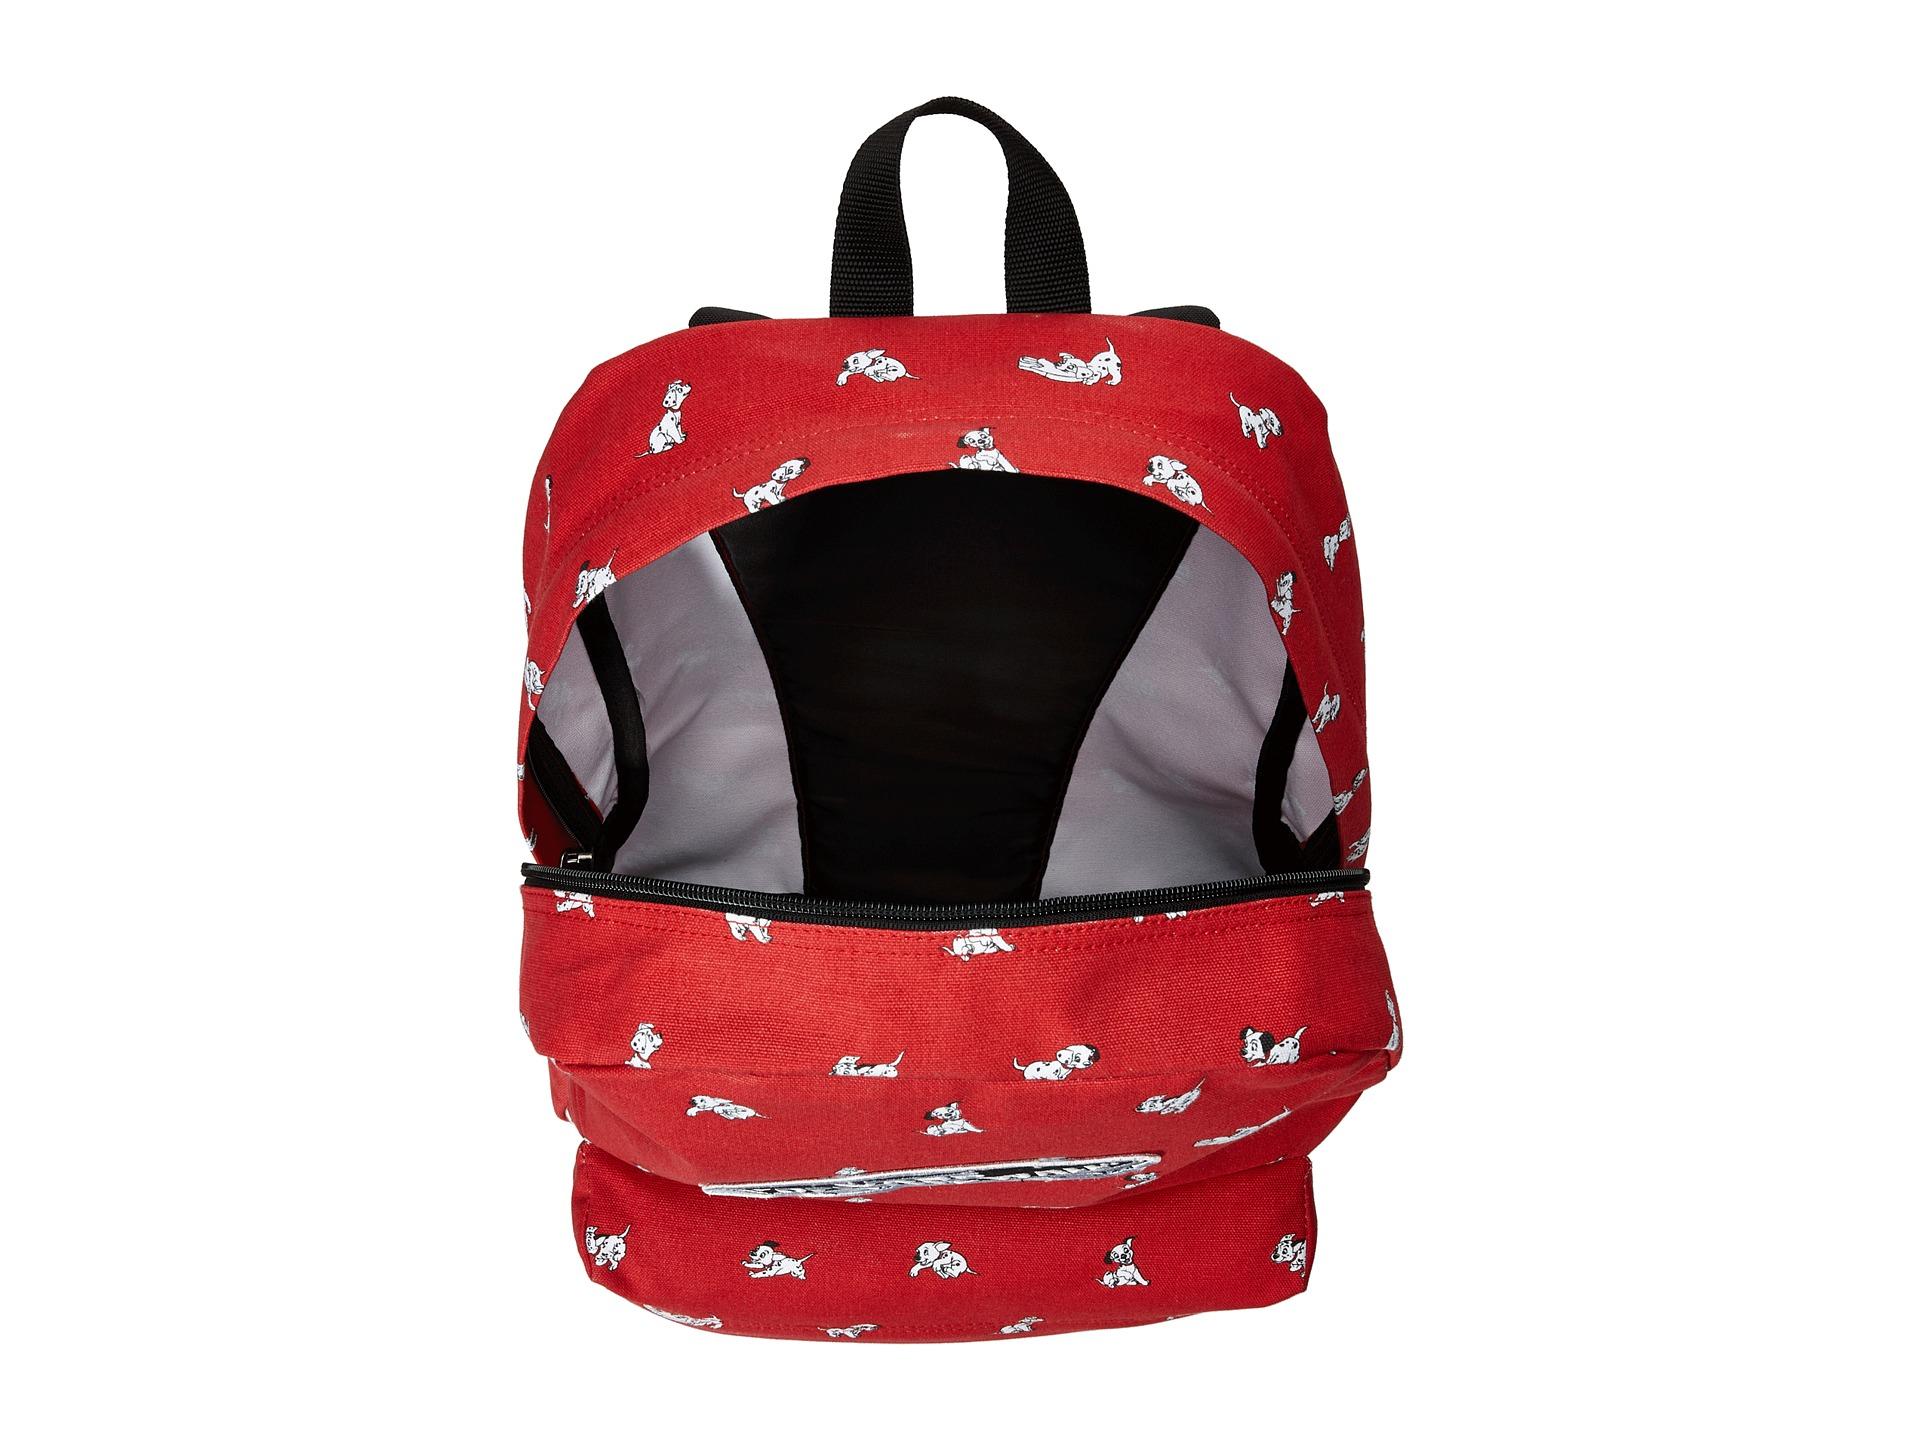 2622324af10 Lyst - Vans Disney Backpack in Red